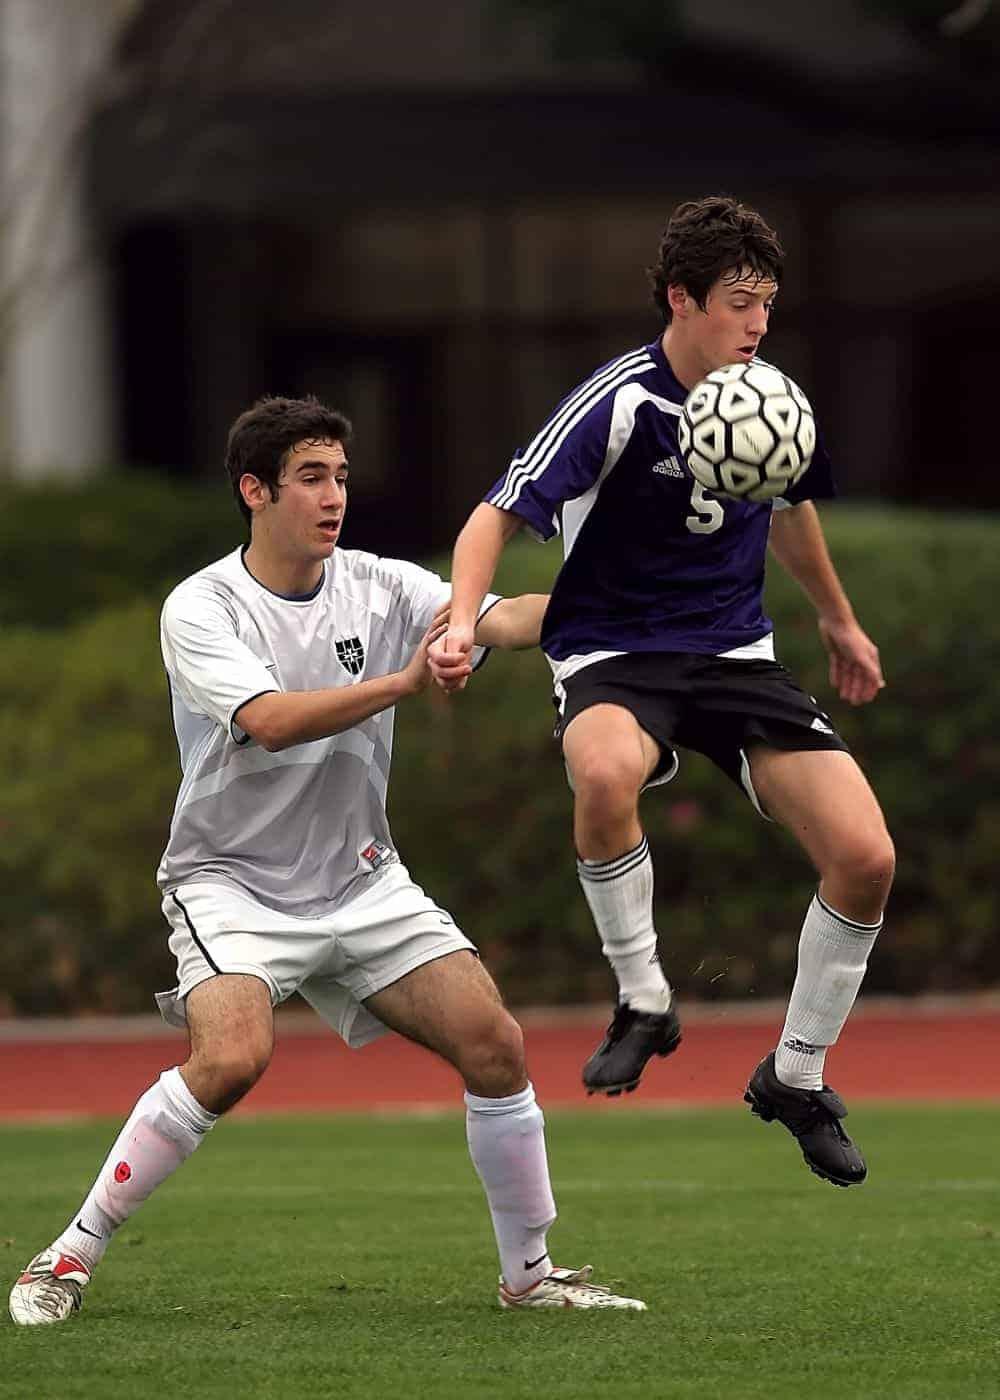 2 cầu thủ đang tranh chấp bóng, cầu thủ áo đen đang nhảy lên hứng bóng còn cầu thủ áo trắng đang đứng trụ